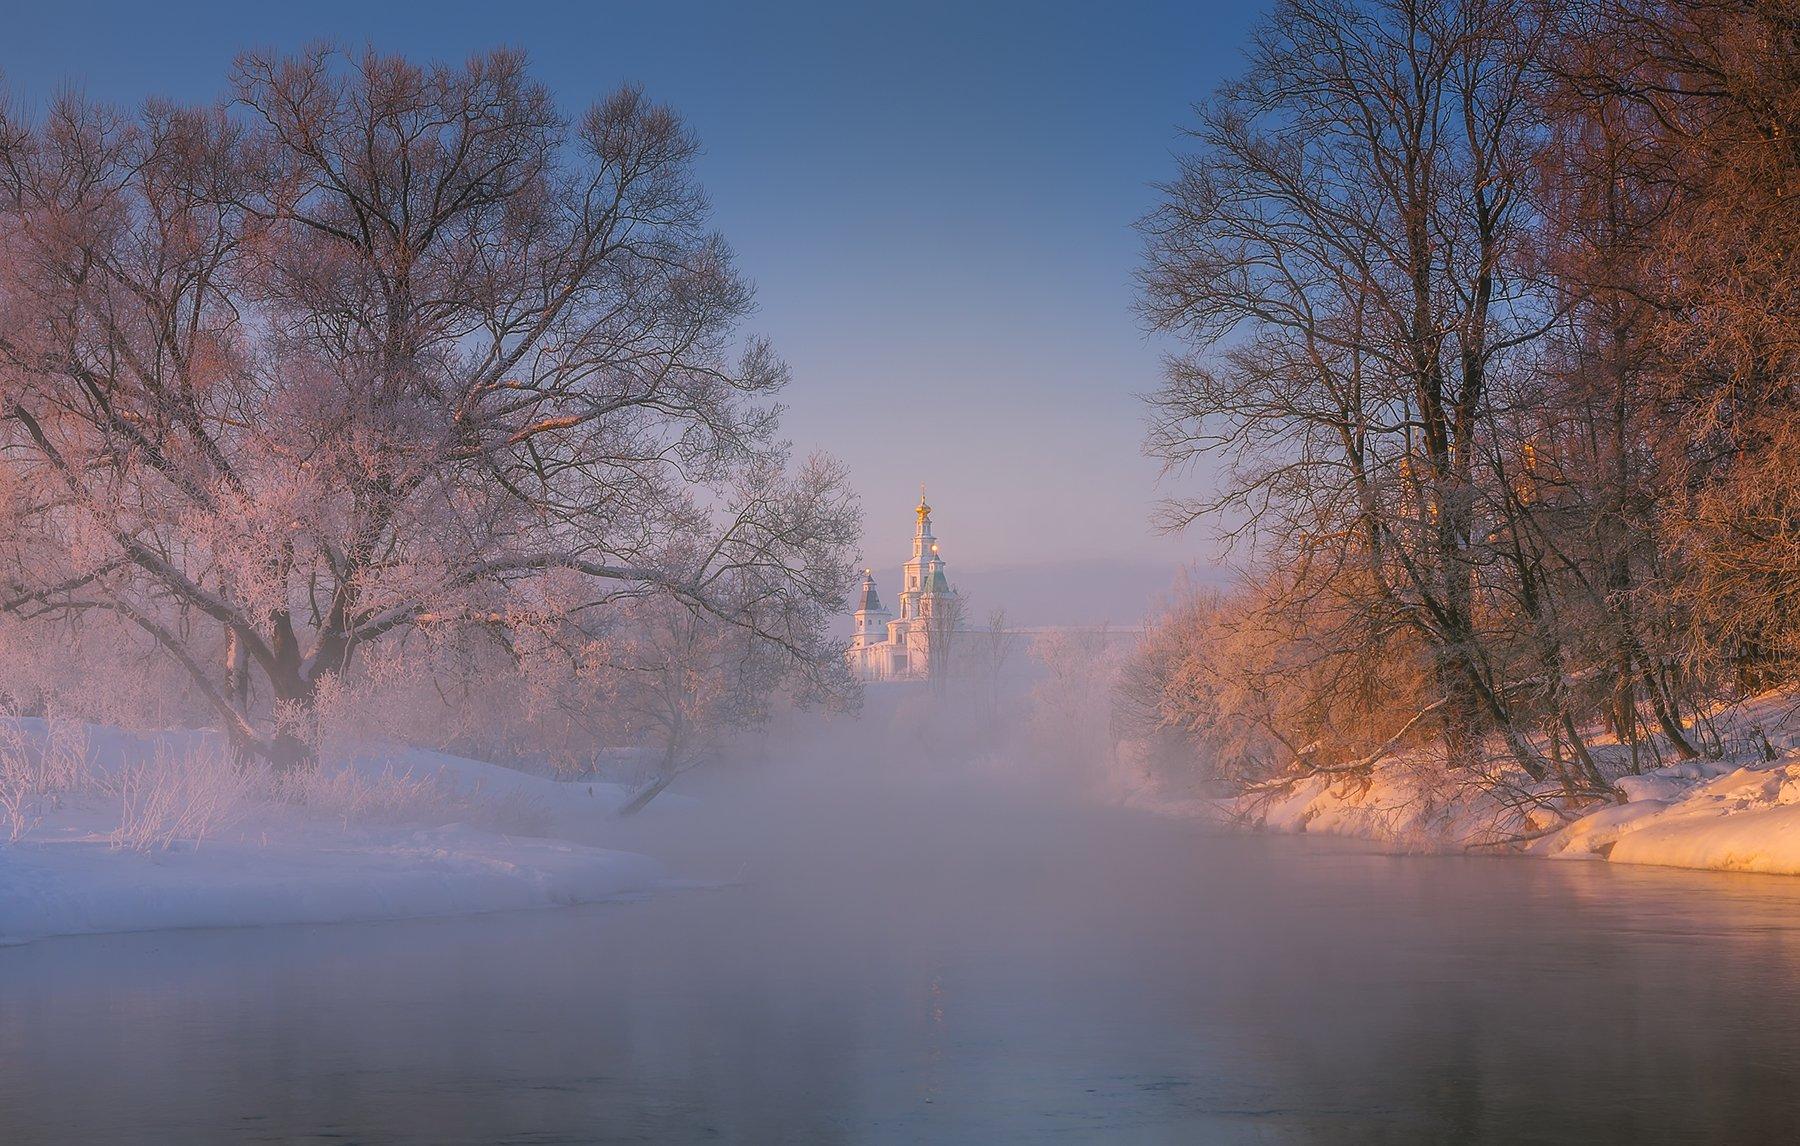 россия, монастырь, природа, утро, туман, иней, рассвет, река, пезаж, Виталий Левыкин